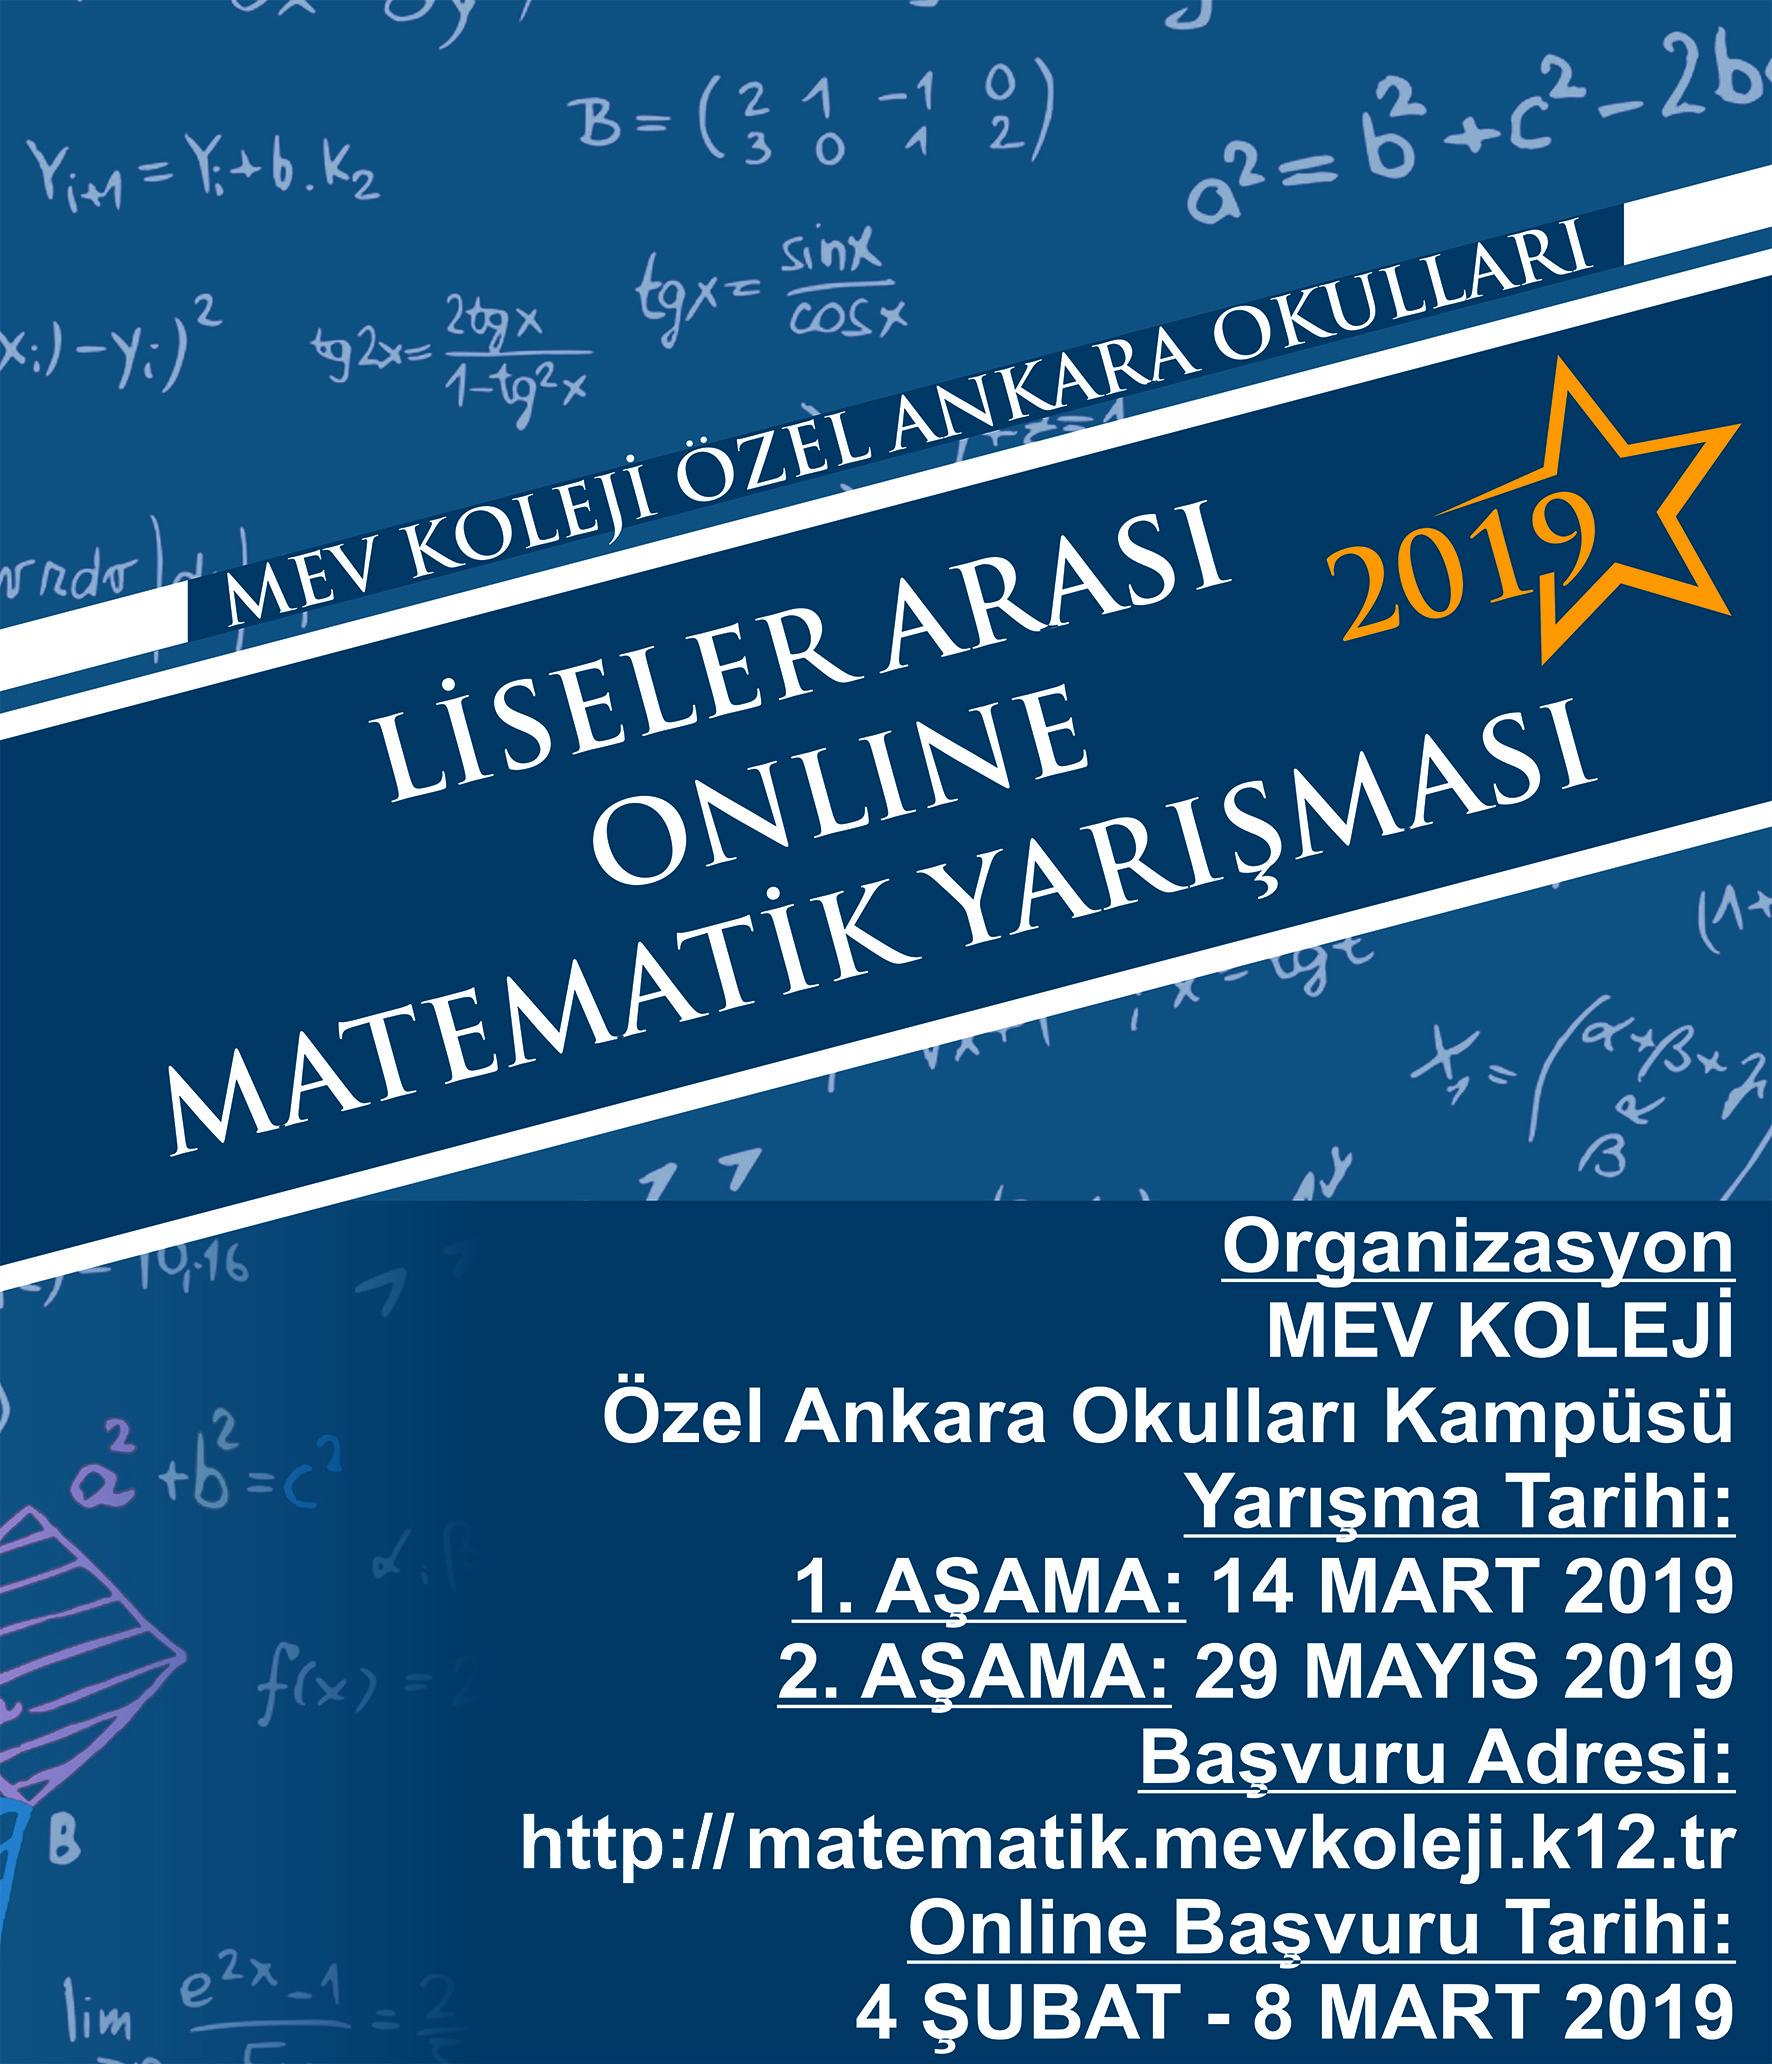 MEV Koleji Özel Ankara Okulları Liseler Arası Online Matematik Yarışması-2019